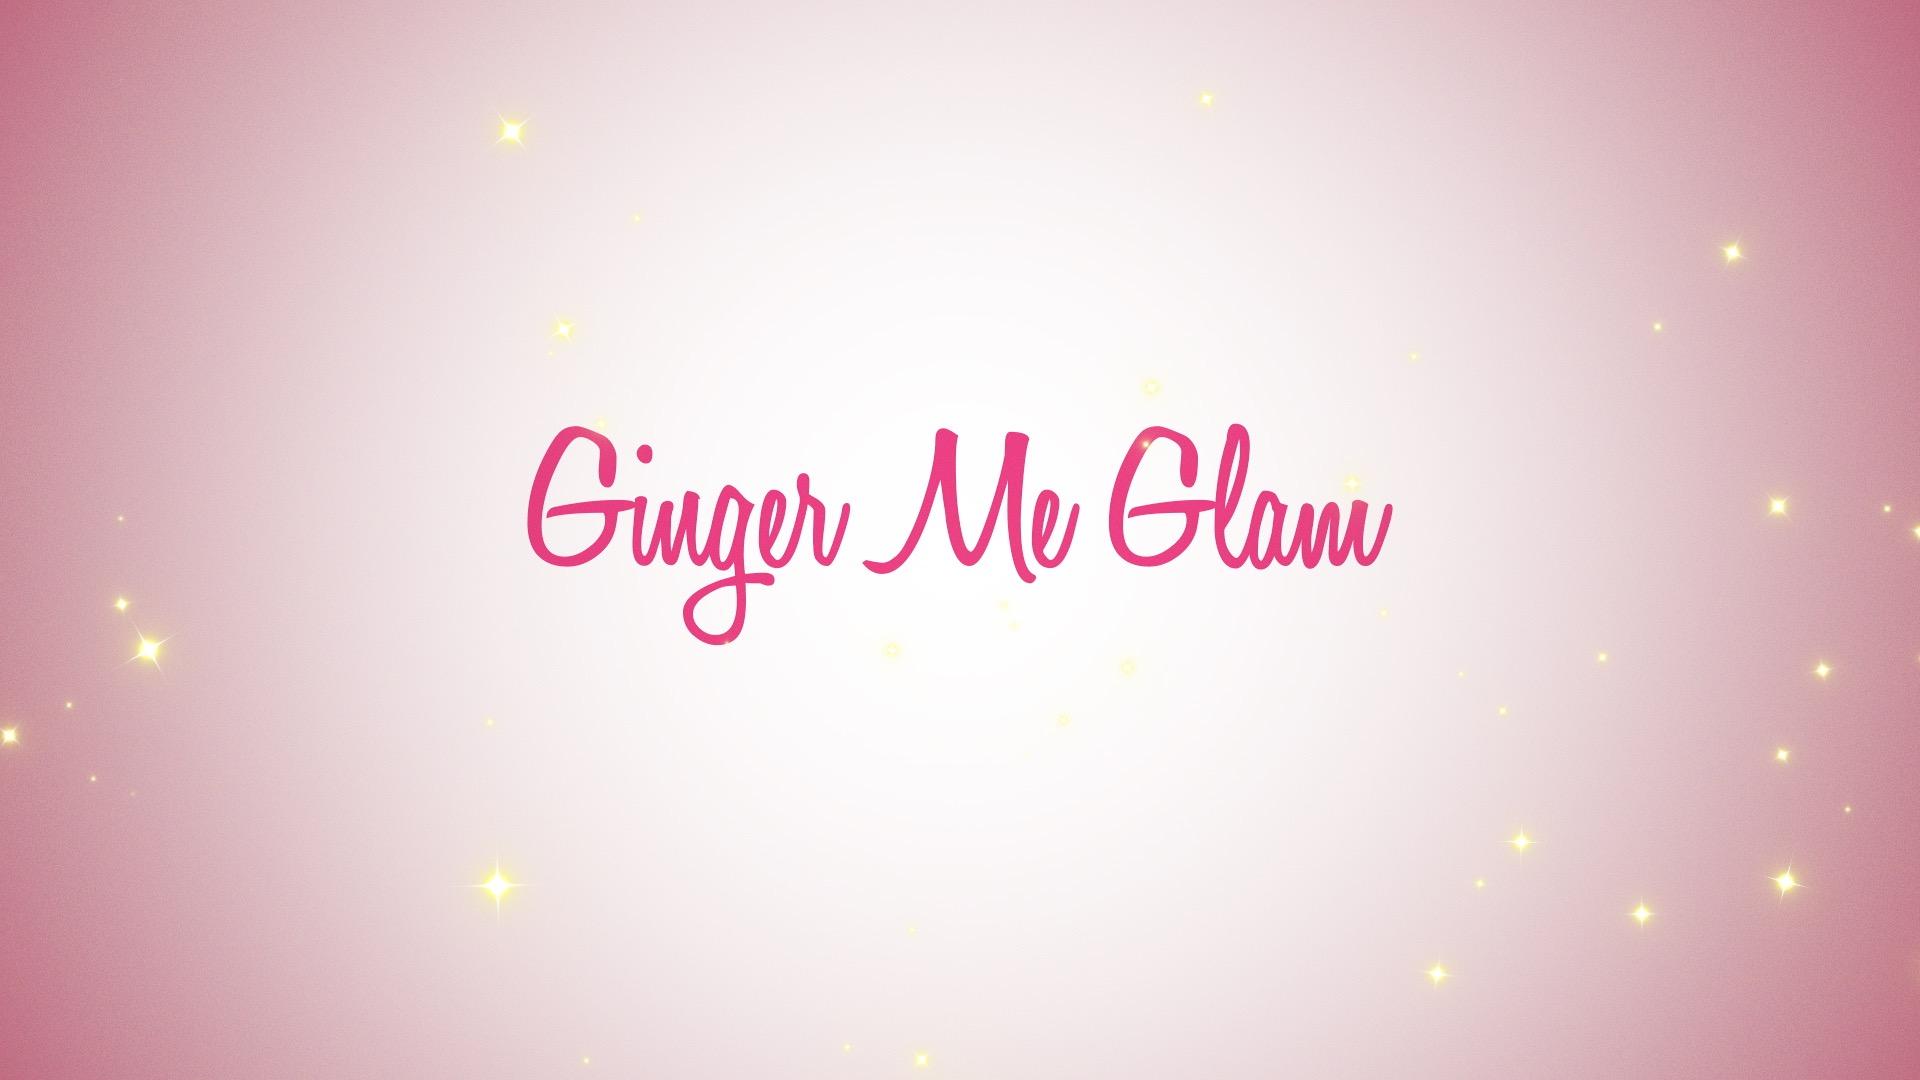 Ginger-Me-Glam-Philosophy.jpg